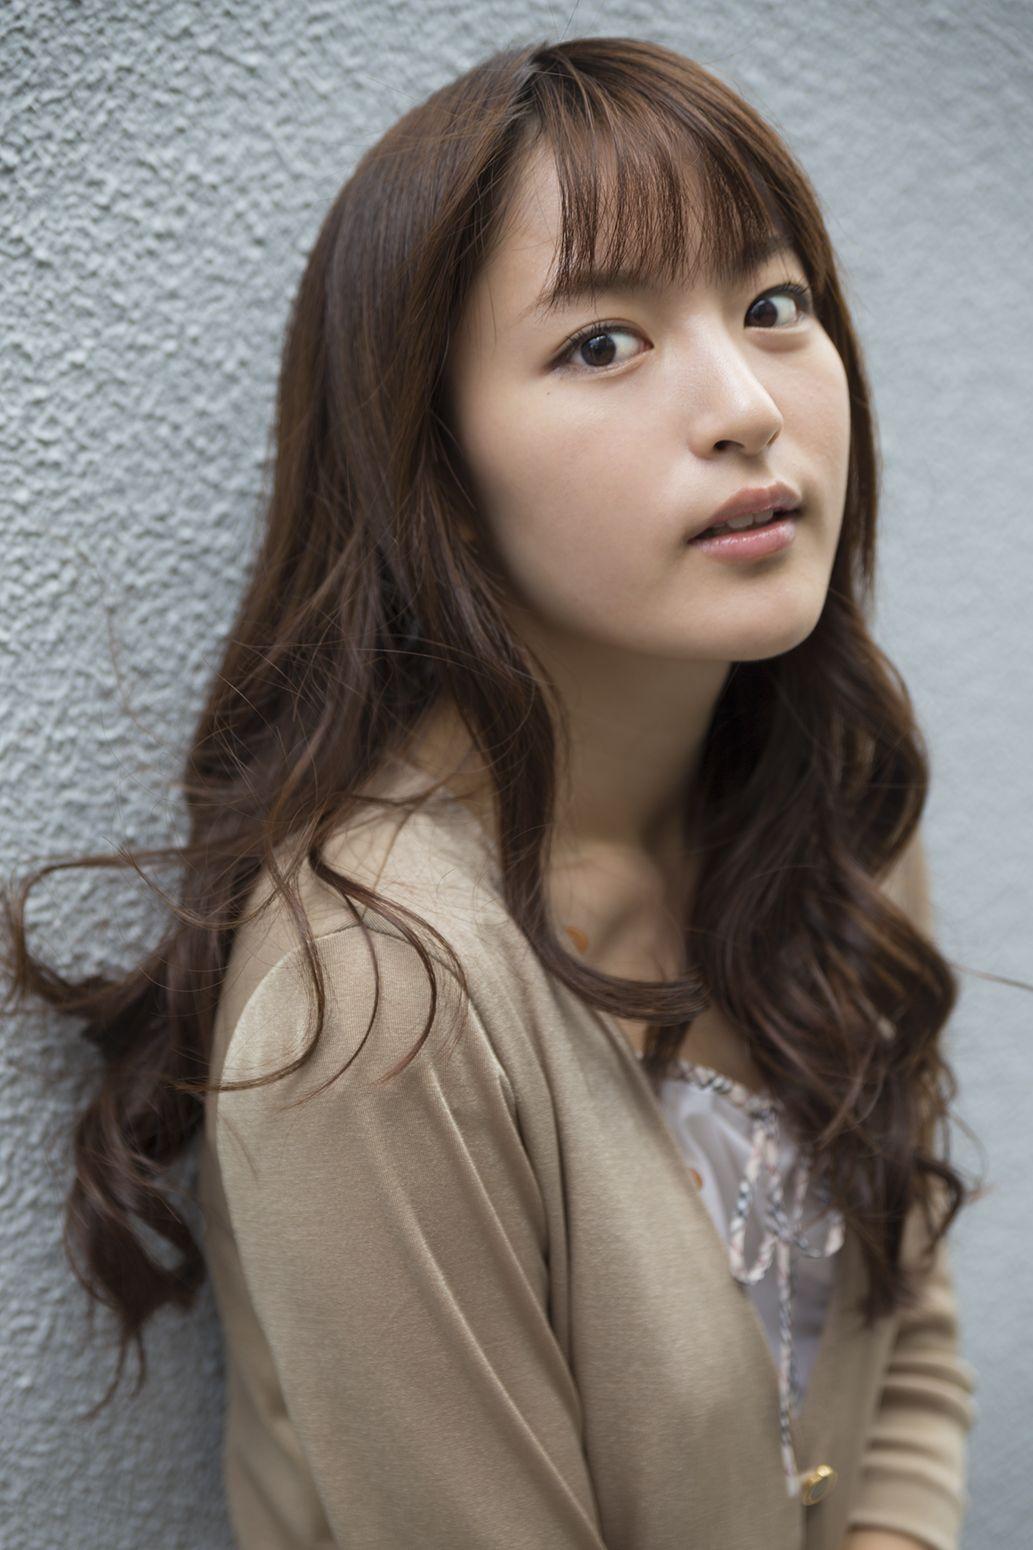 小松未可子さんの画像その2